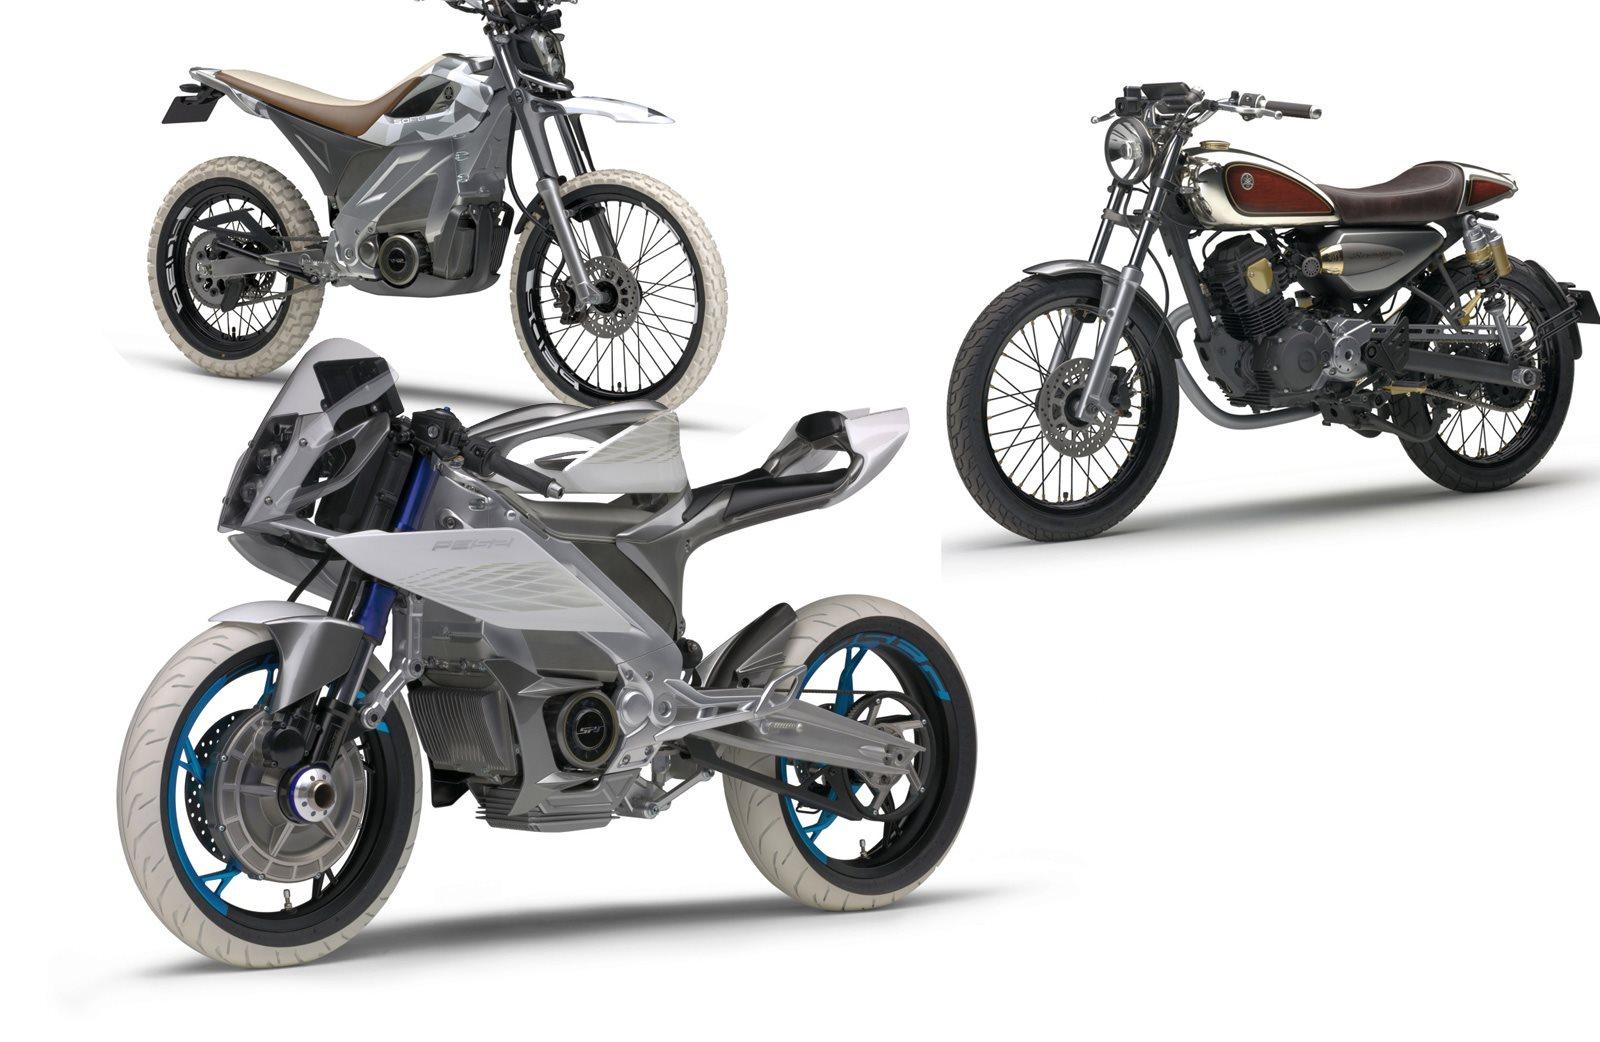 yamaha concept bike tokyo - photo #6